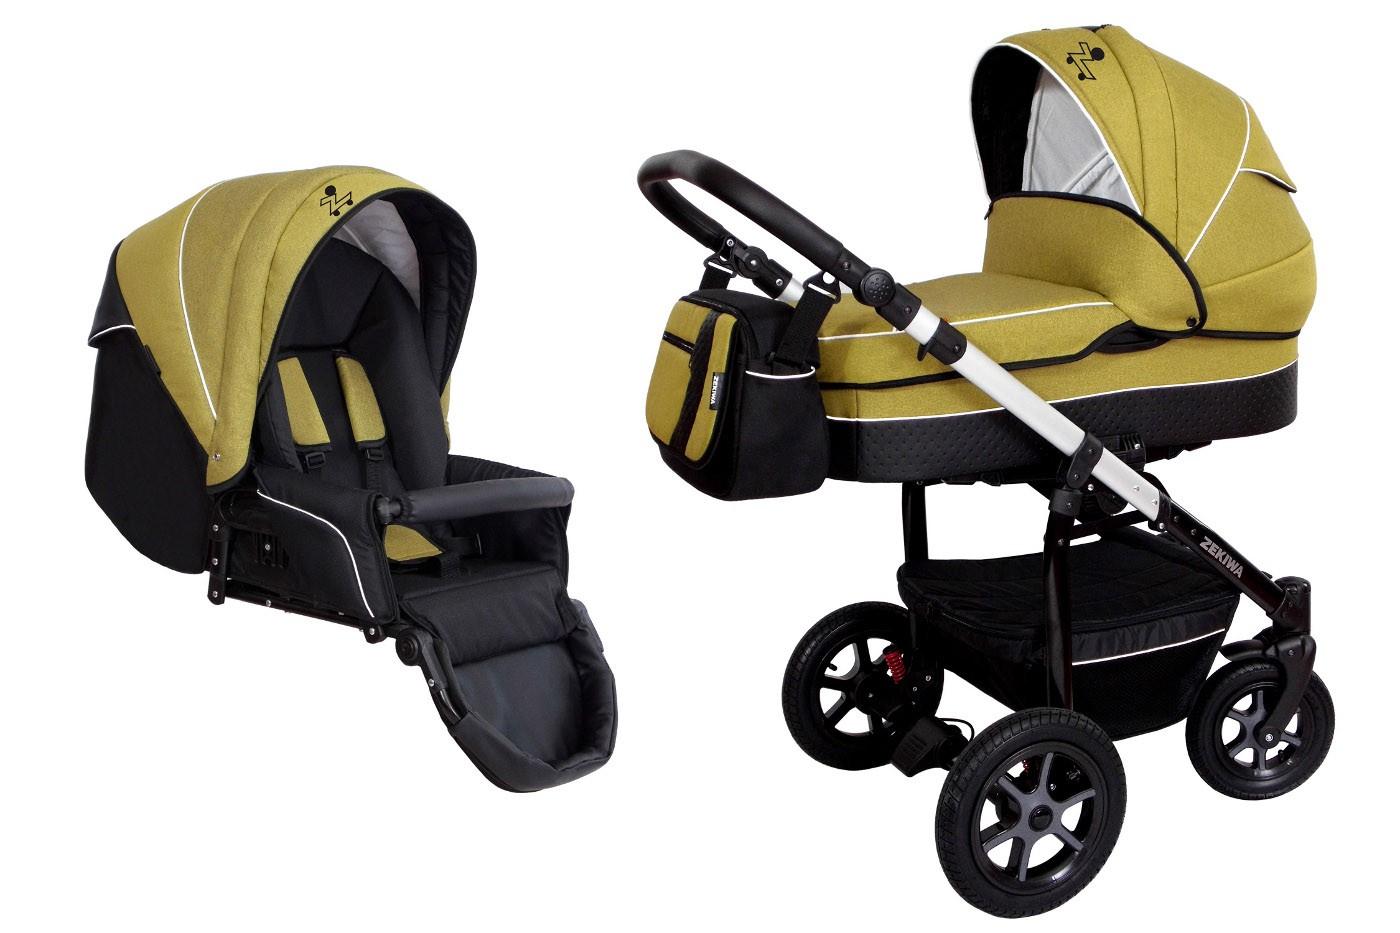 zekiwa moderner kombi kinderwagen saturn 2in1 mit babywanne sportwagenaufsatz buggy oder. Black Bedroom Furniture Sets. Home Design Ideas